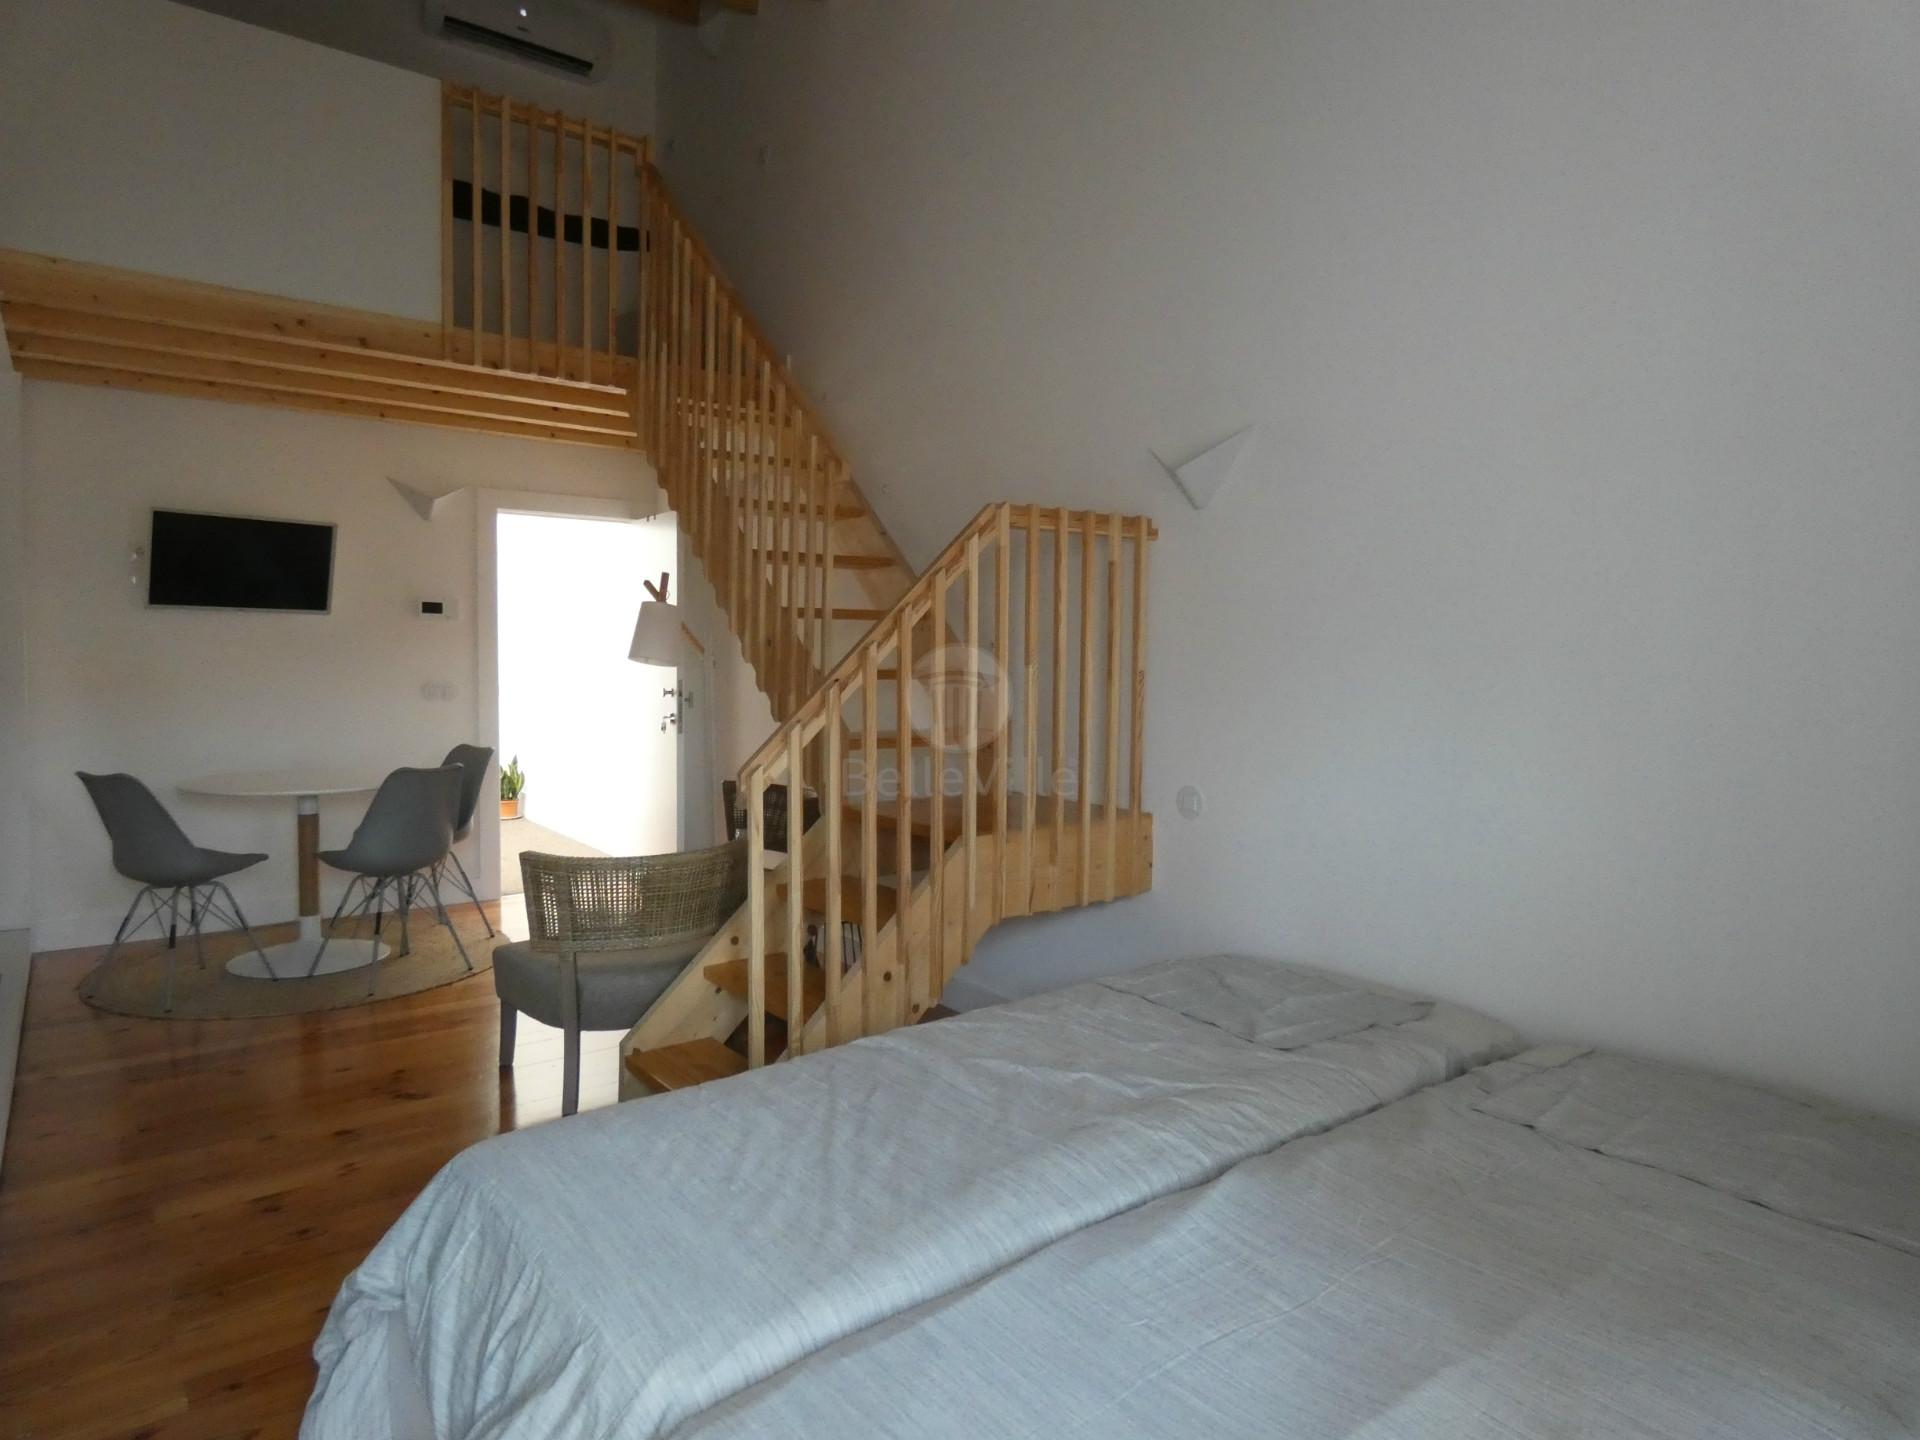 Excelente apartamento T0 com mezanino, remodelado, equipado, mobilado localizado no centro da cidade